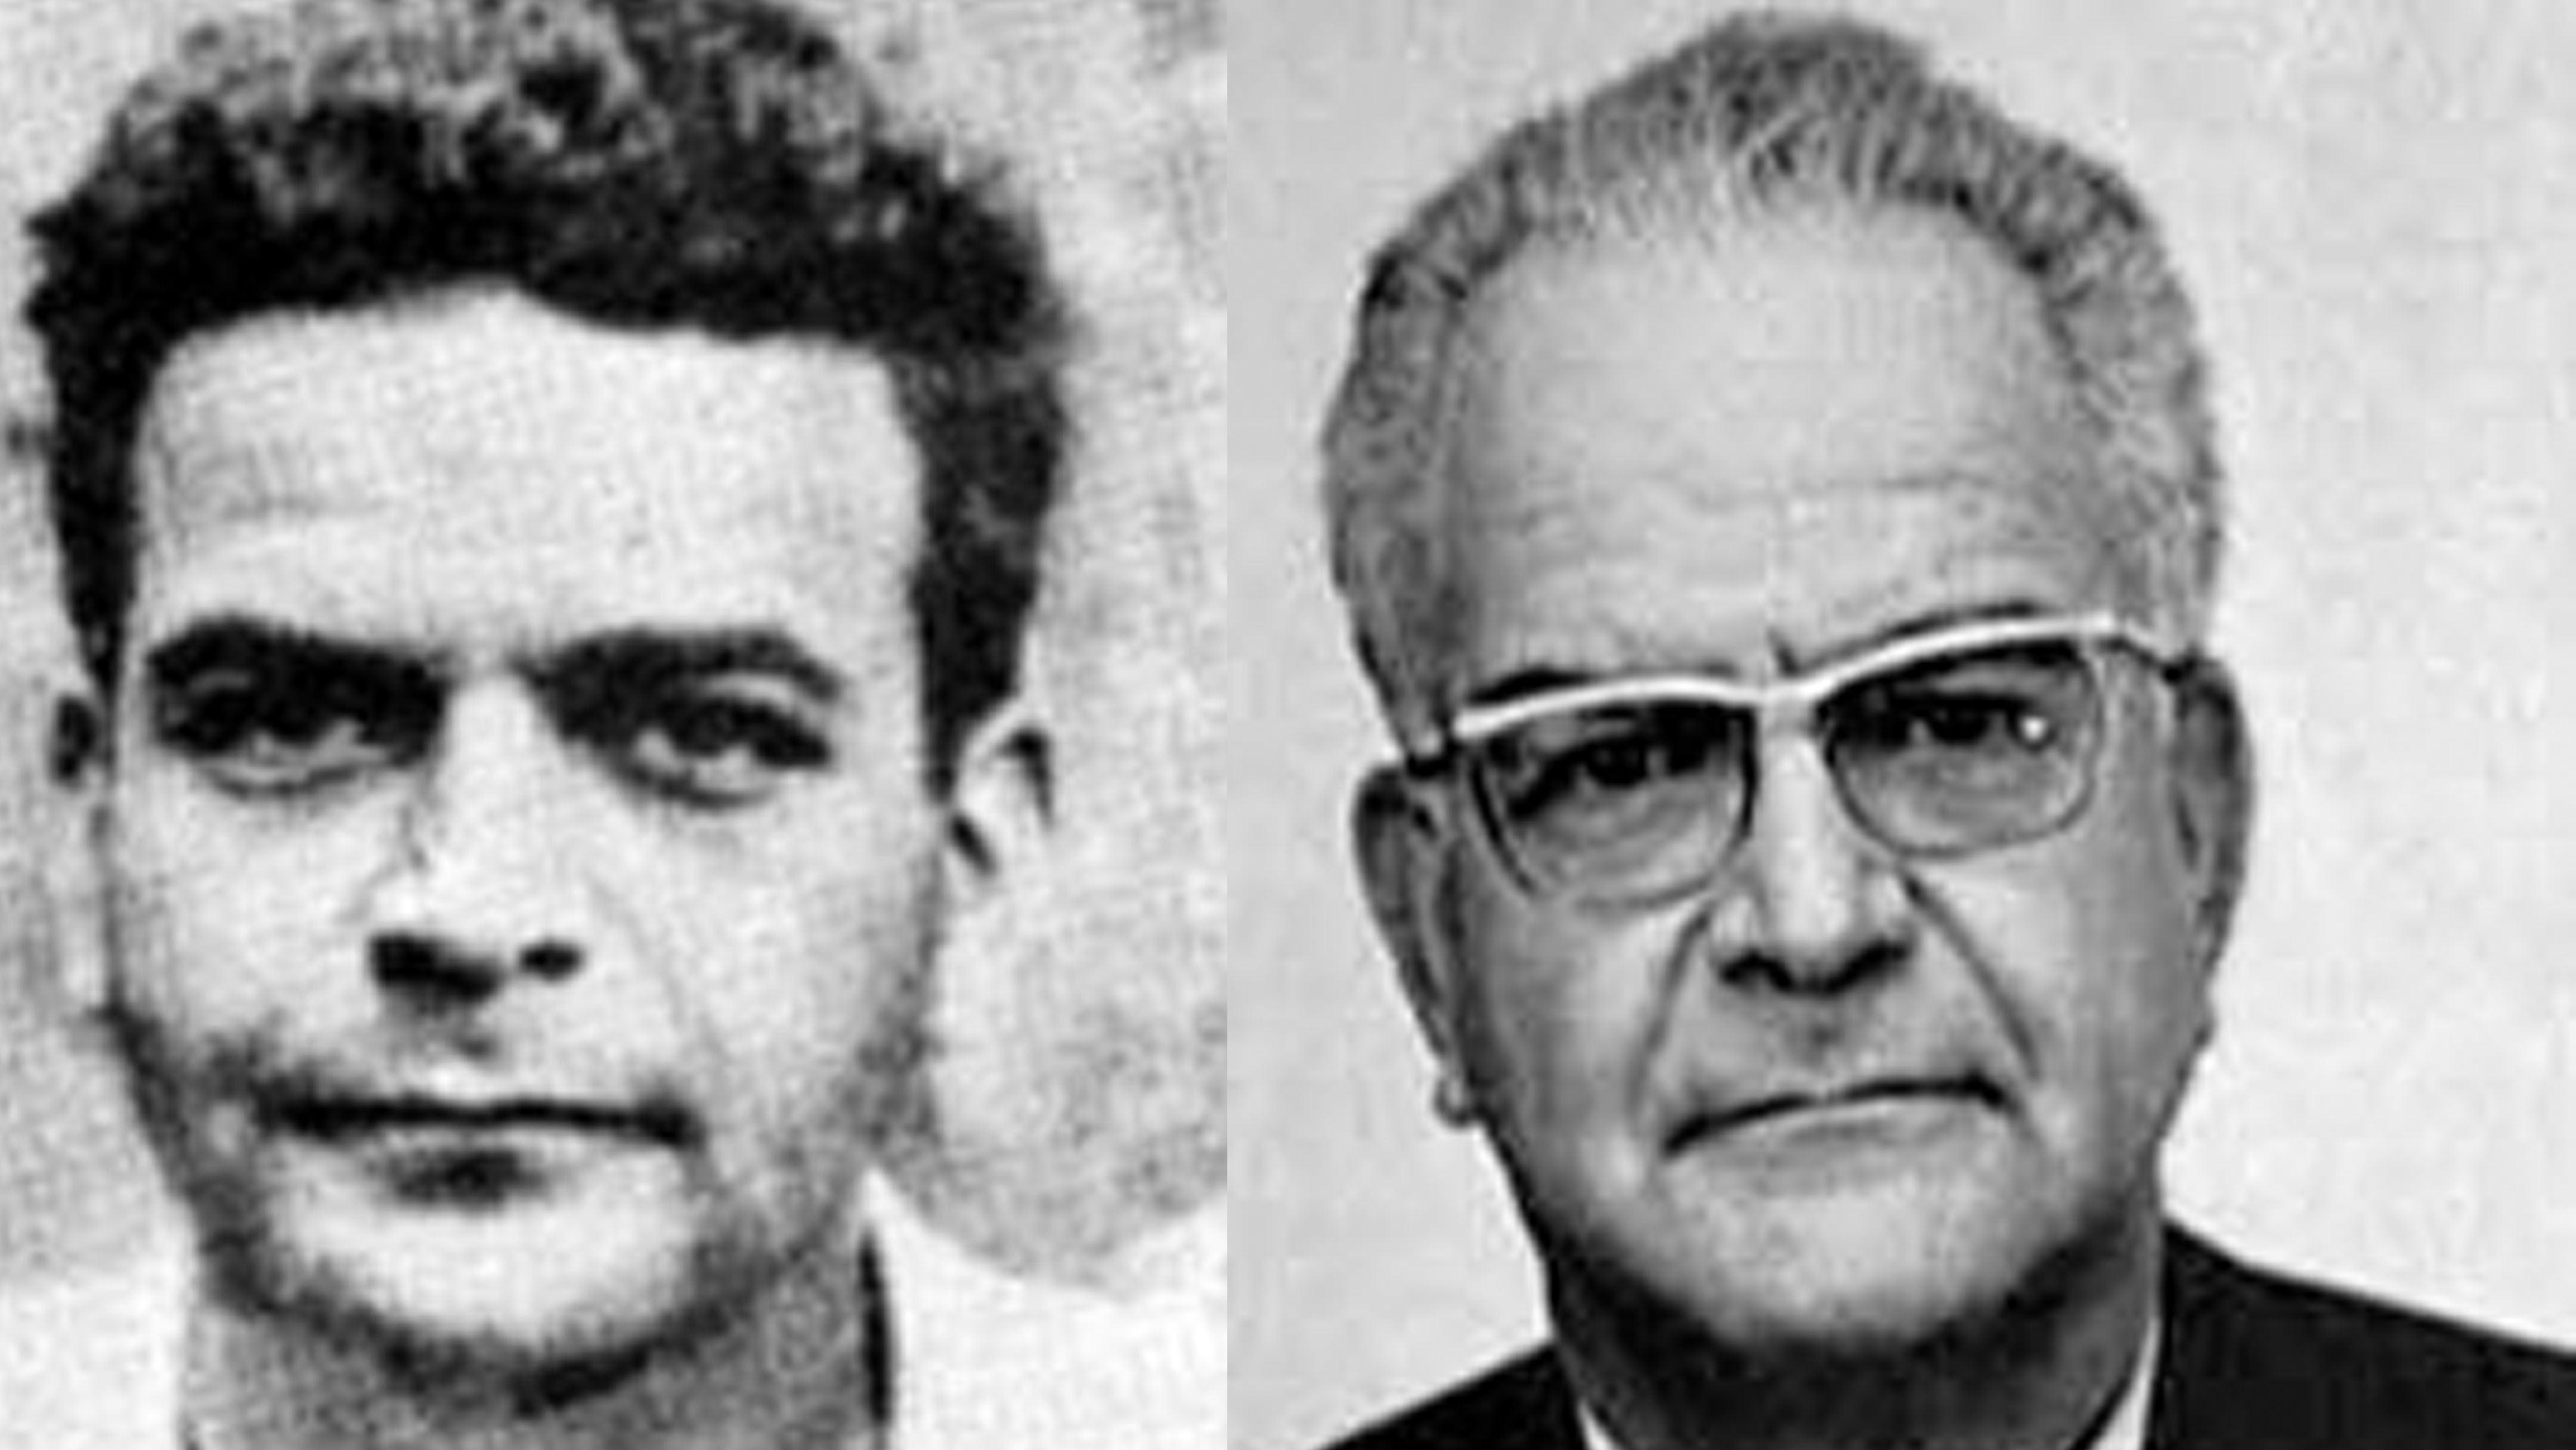 Mercader na época do assassinato e após cumprir pena de 20 anos, já em Havana ou Moscou